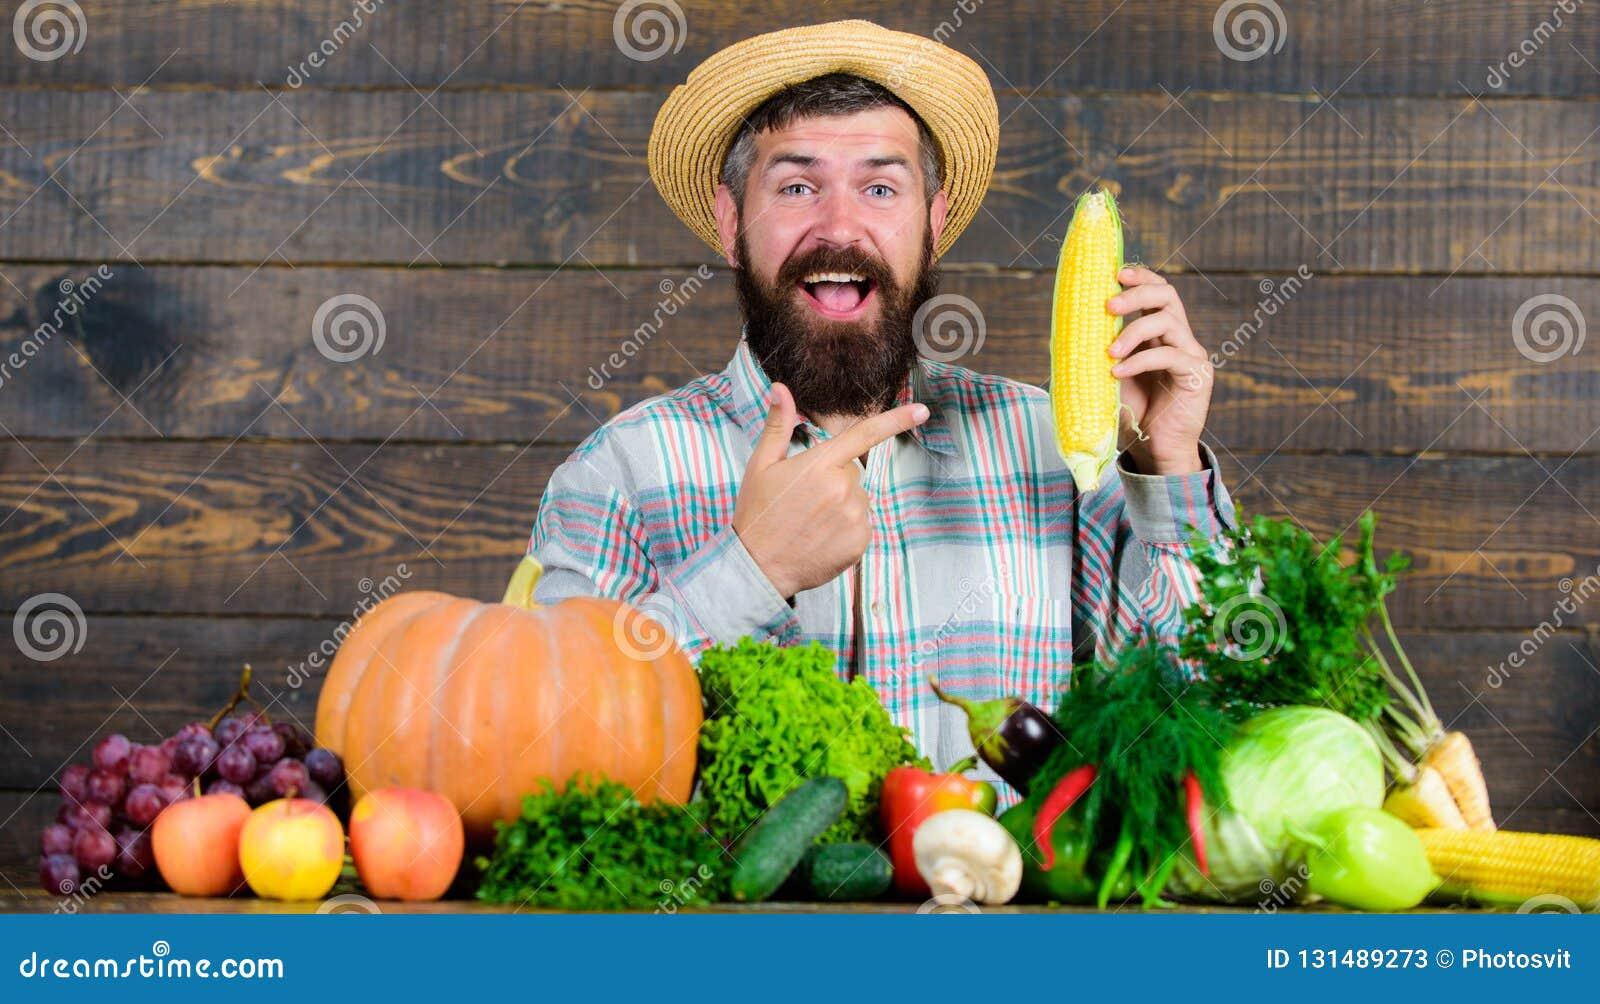 Фермер с возникновением сельчанина доморощенного фермера сбора деревенским Вырастите органические урожаи Владение фермера человек